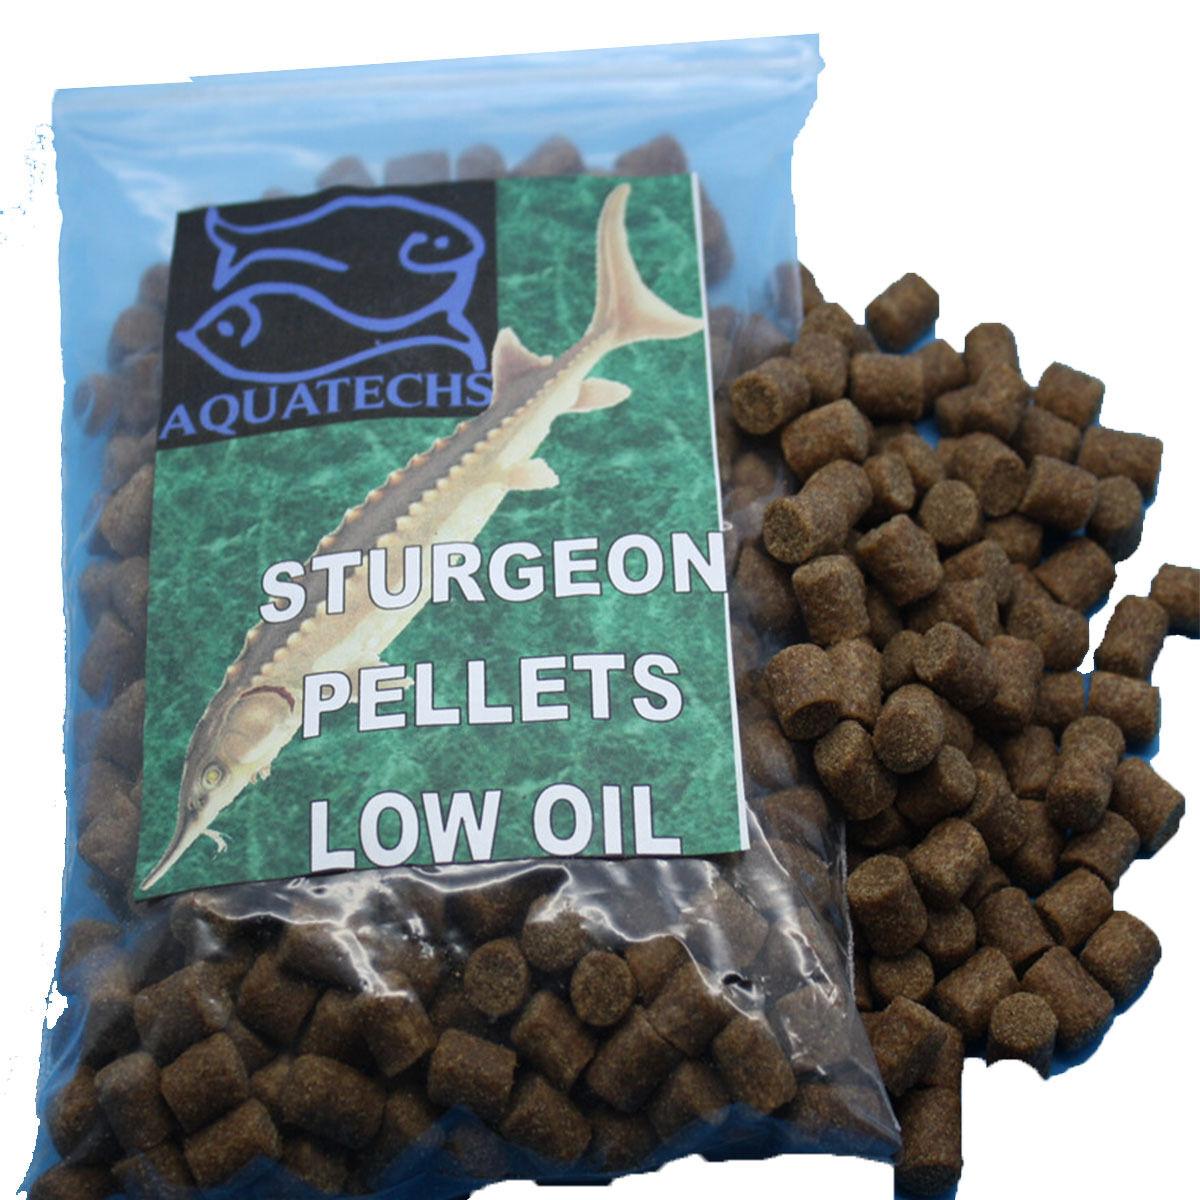 Aquatechs sturgeon food pellets 2mm,4mm,6mm or 8mm 15Kg low oil sturgeon feed